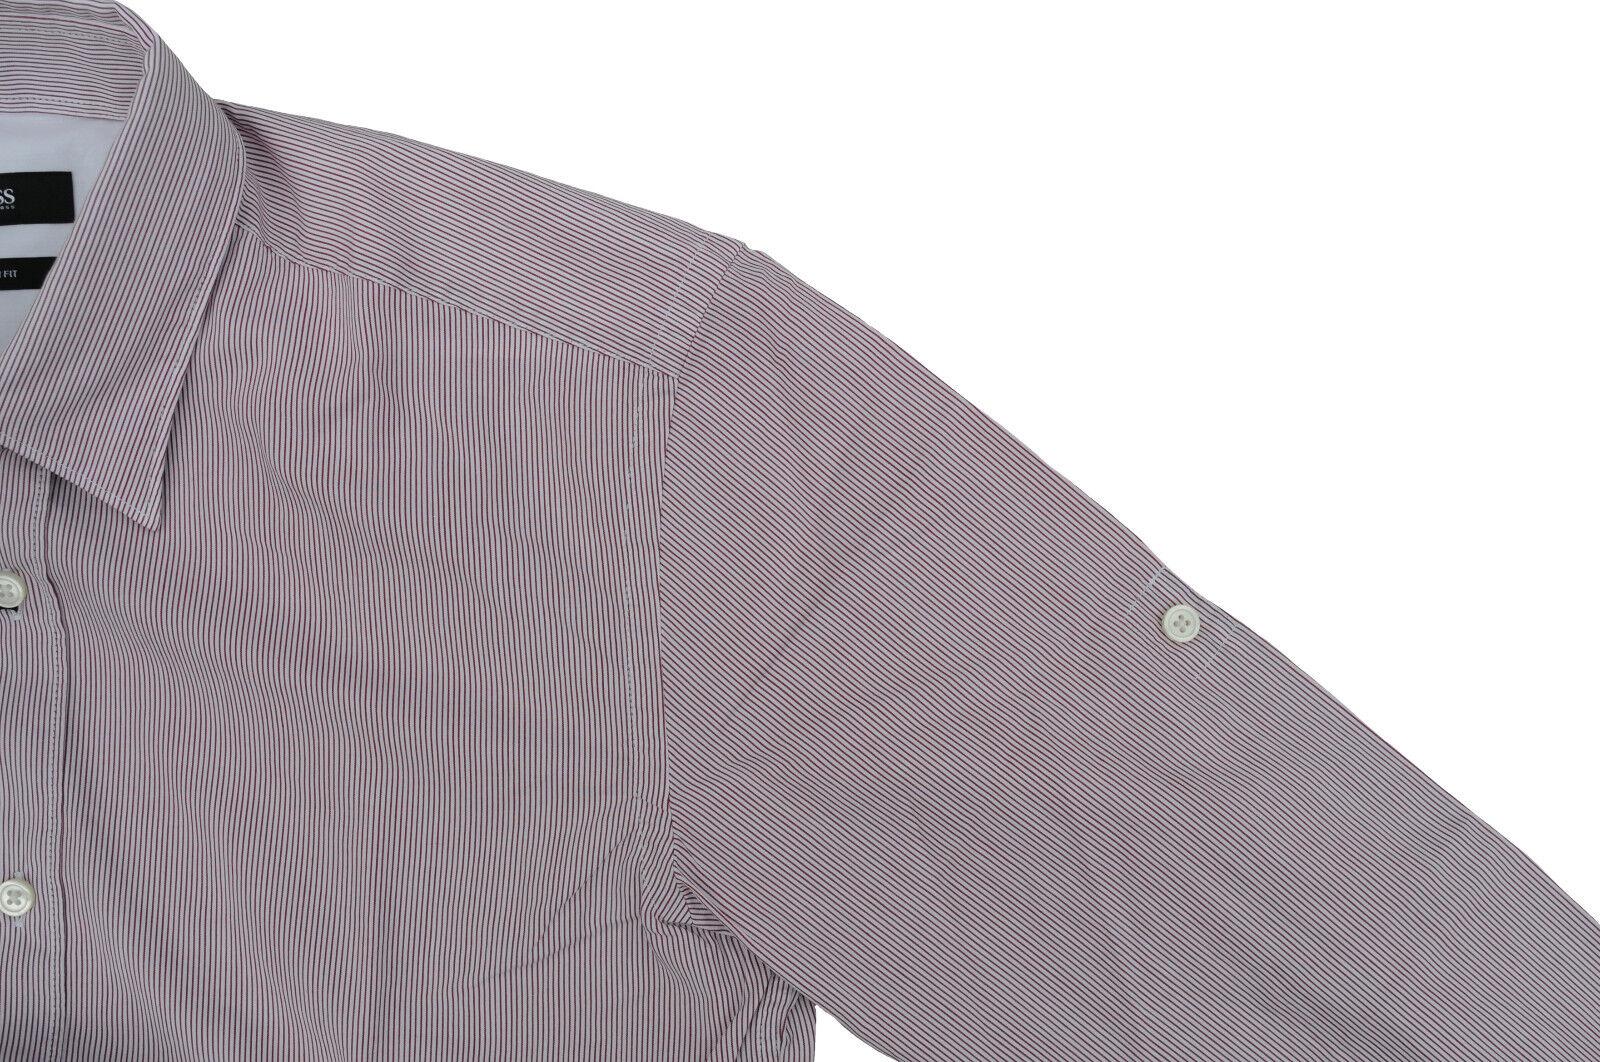 NEU gr. M HUGO BOSS ROG ROG ROG HEMD SLIM FIT MED-rot  50369555 | Genial  0c1586